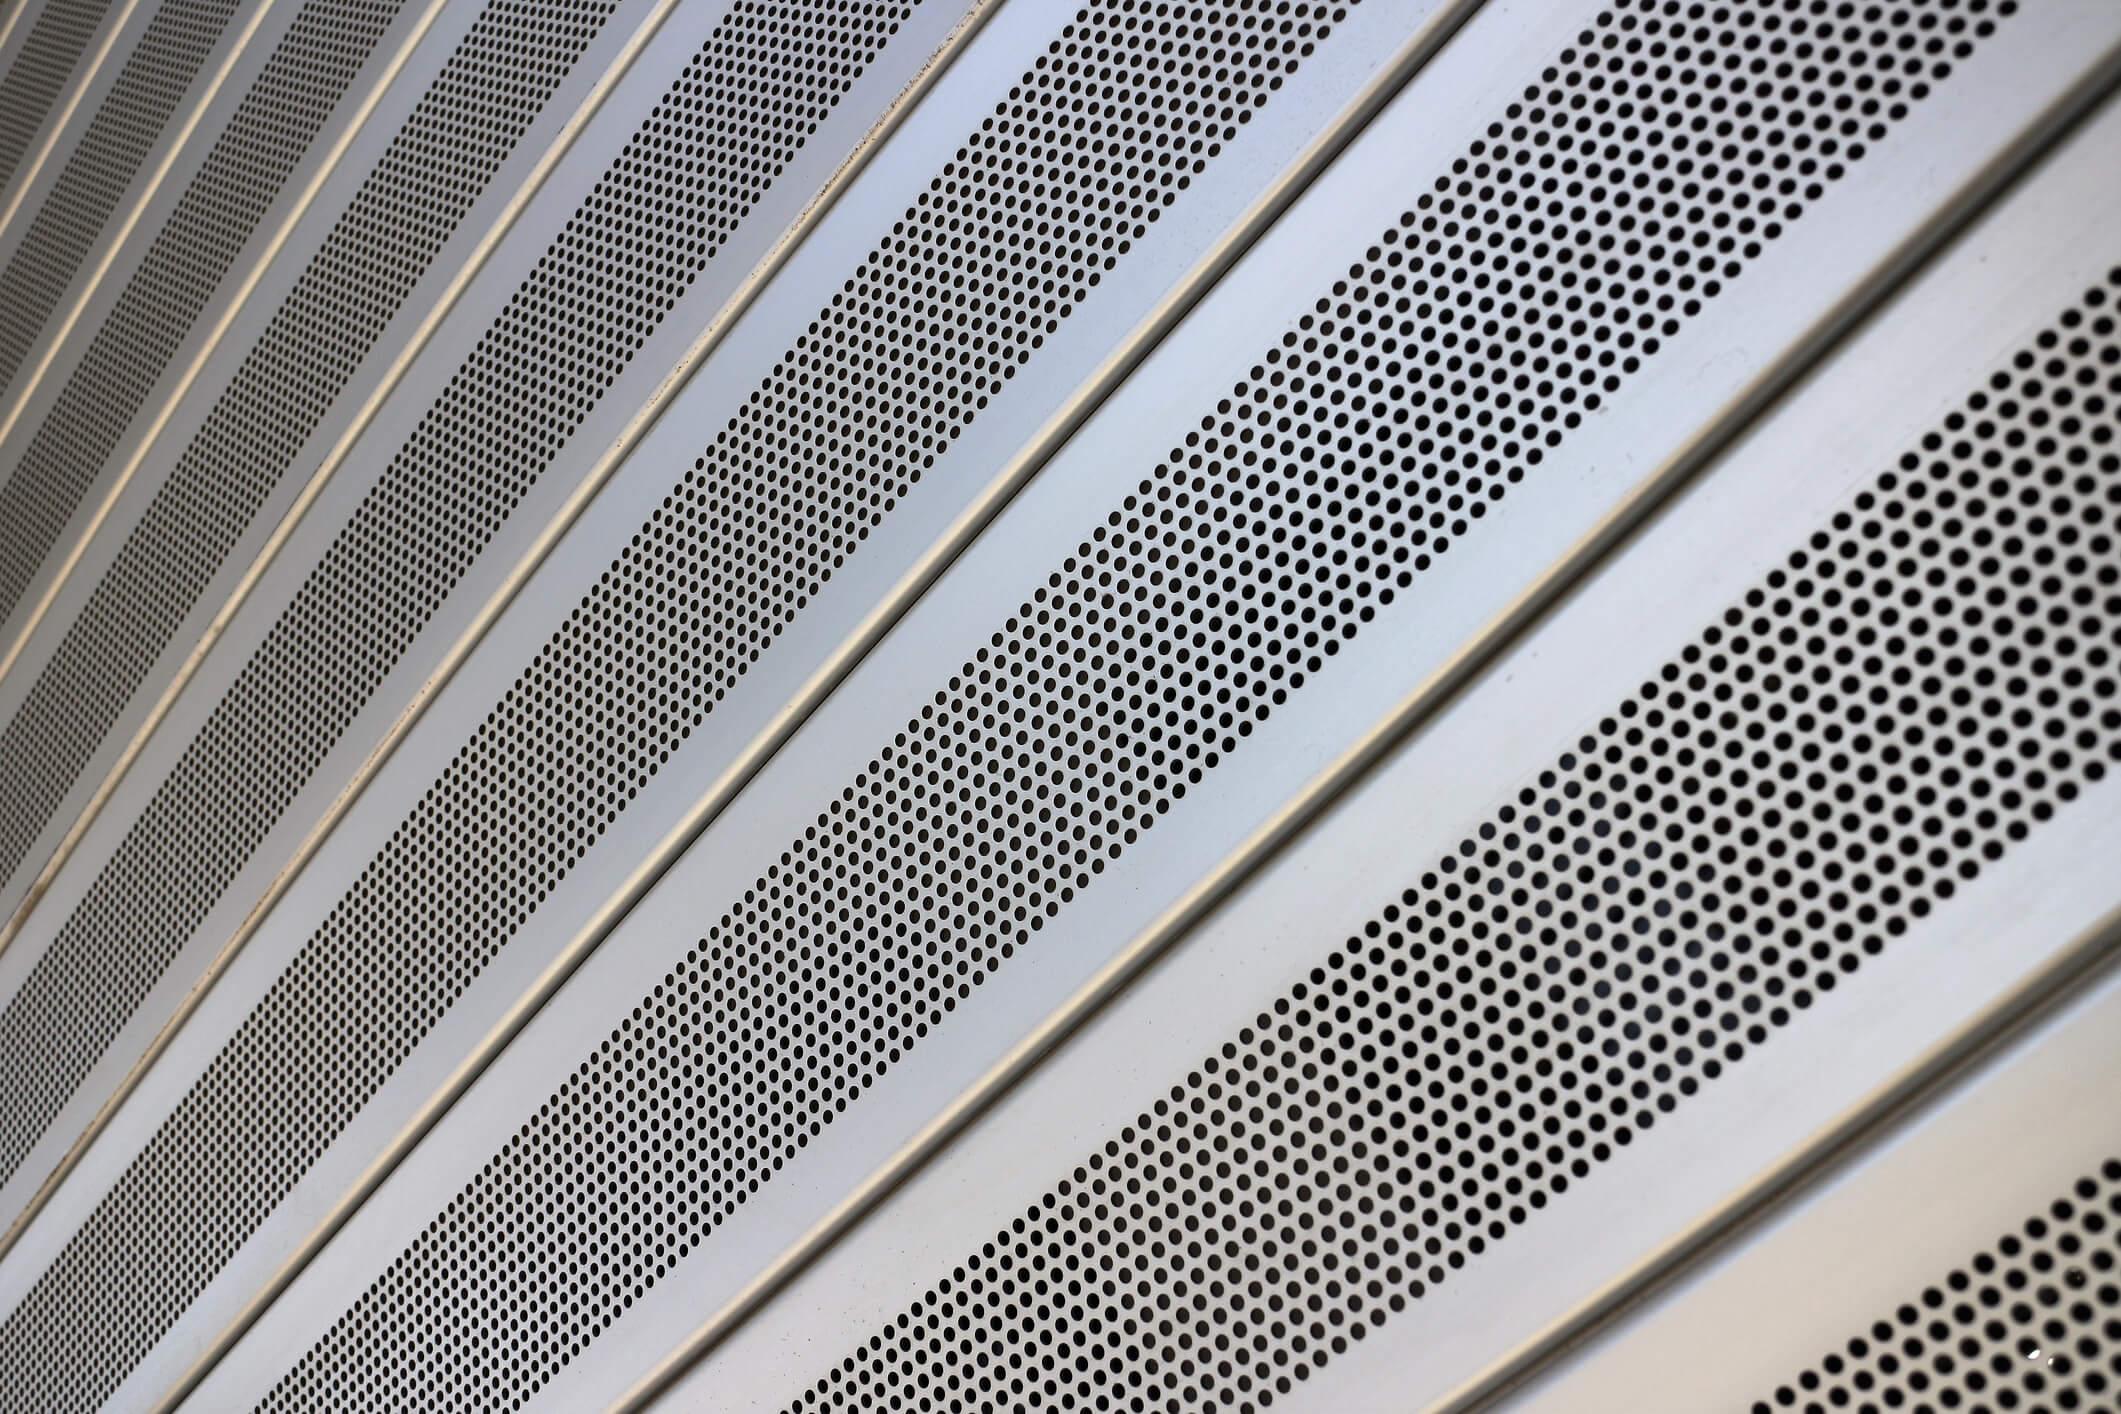 Conheça 5 principais vantagens da telha perfurada